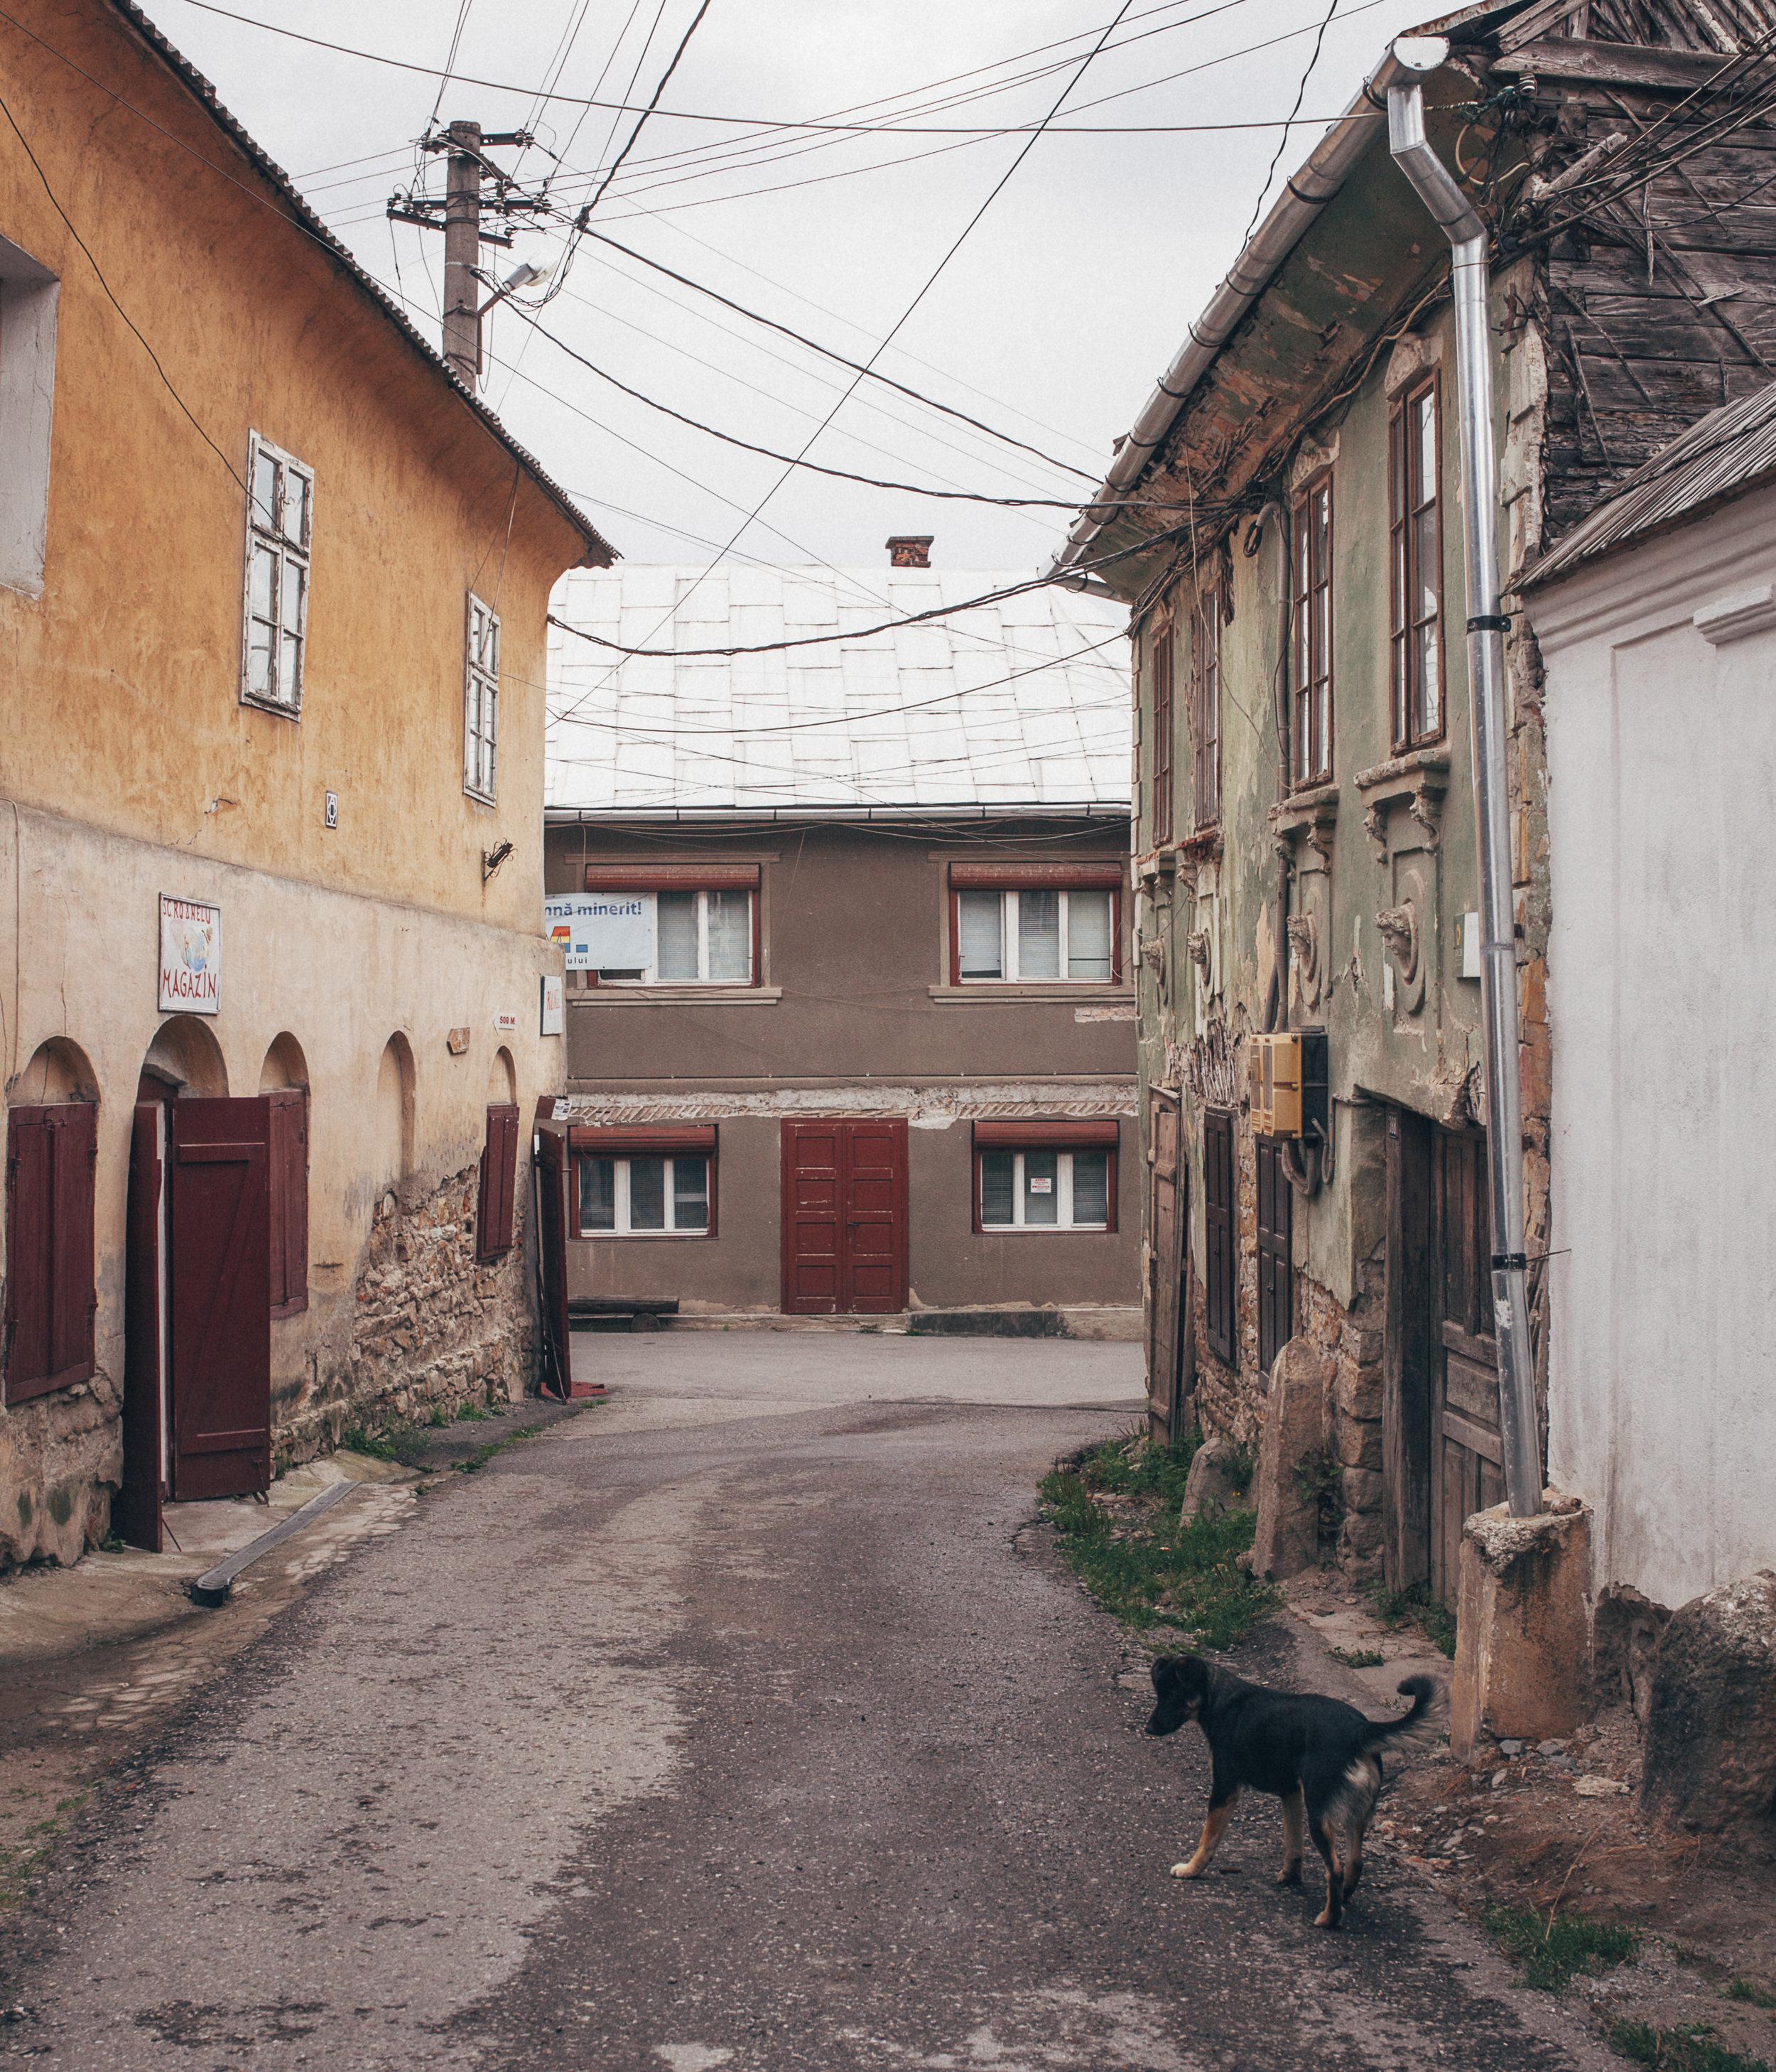 Das Dorf ist tief gespalten. Durch das Projekt würde es in der strukturschwachen Region wirtschaftlich bergauf gehen - Aber zu welchem Preis?